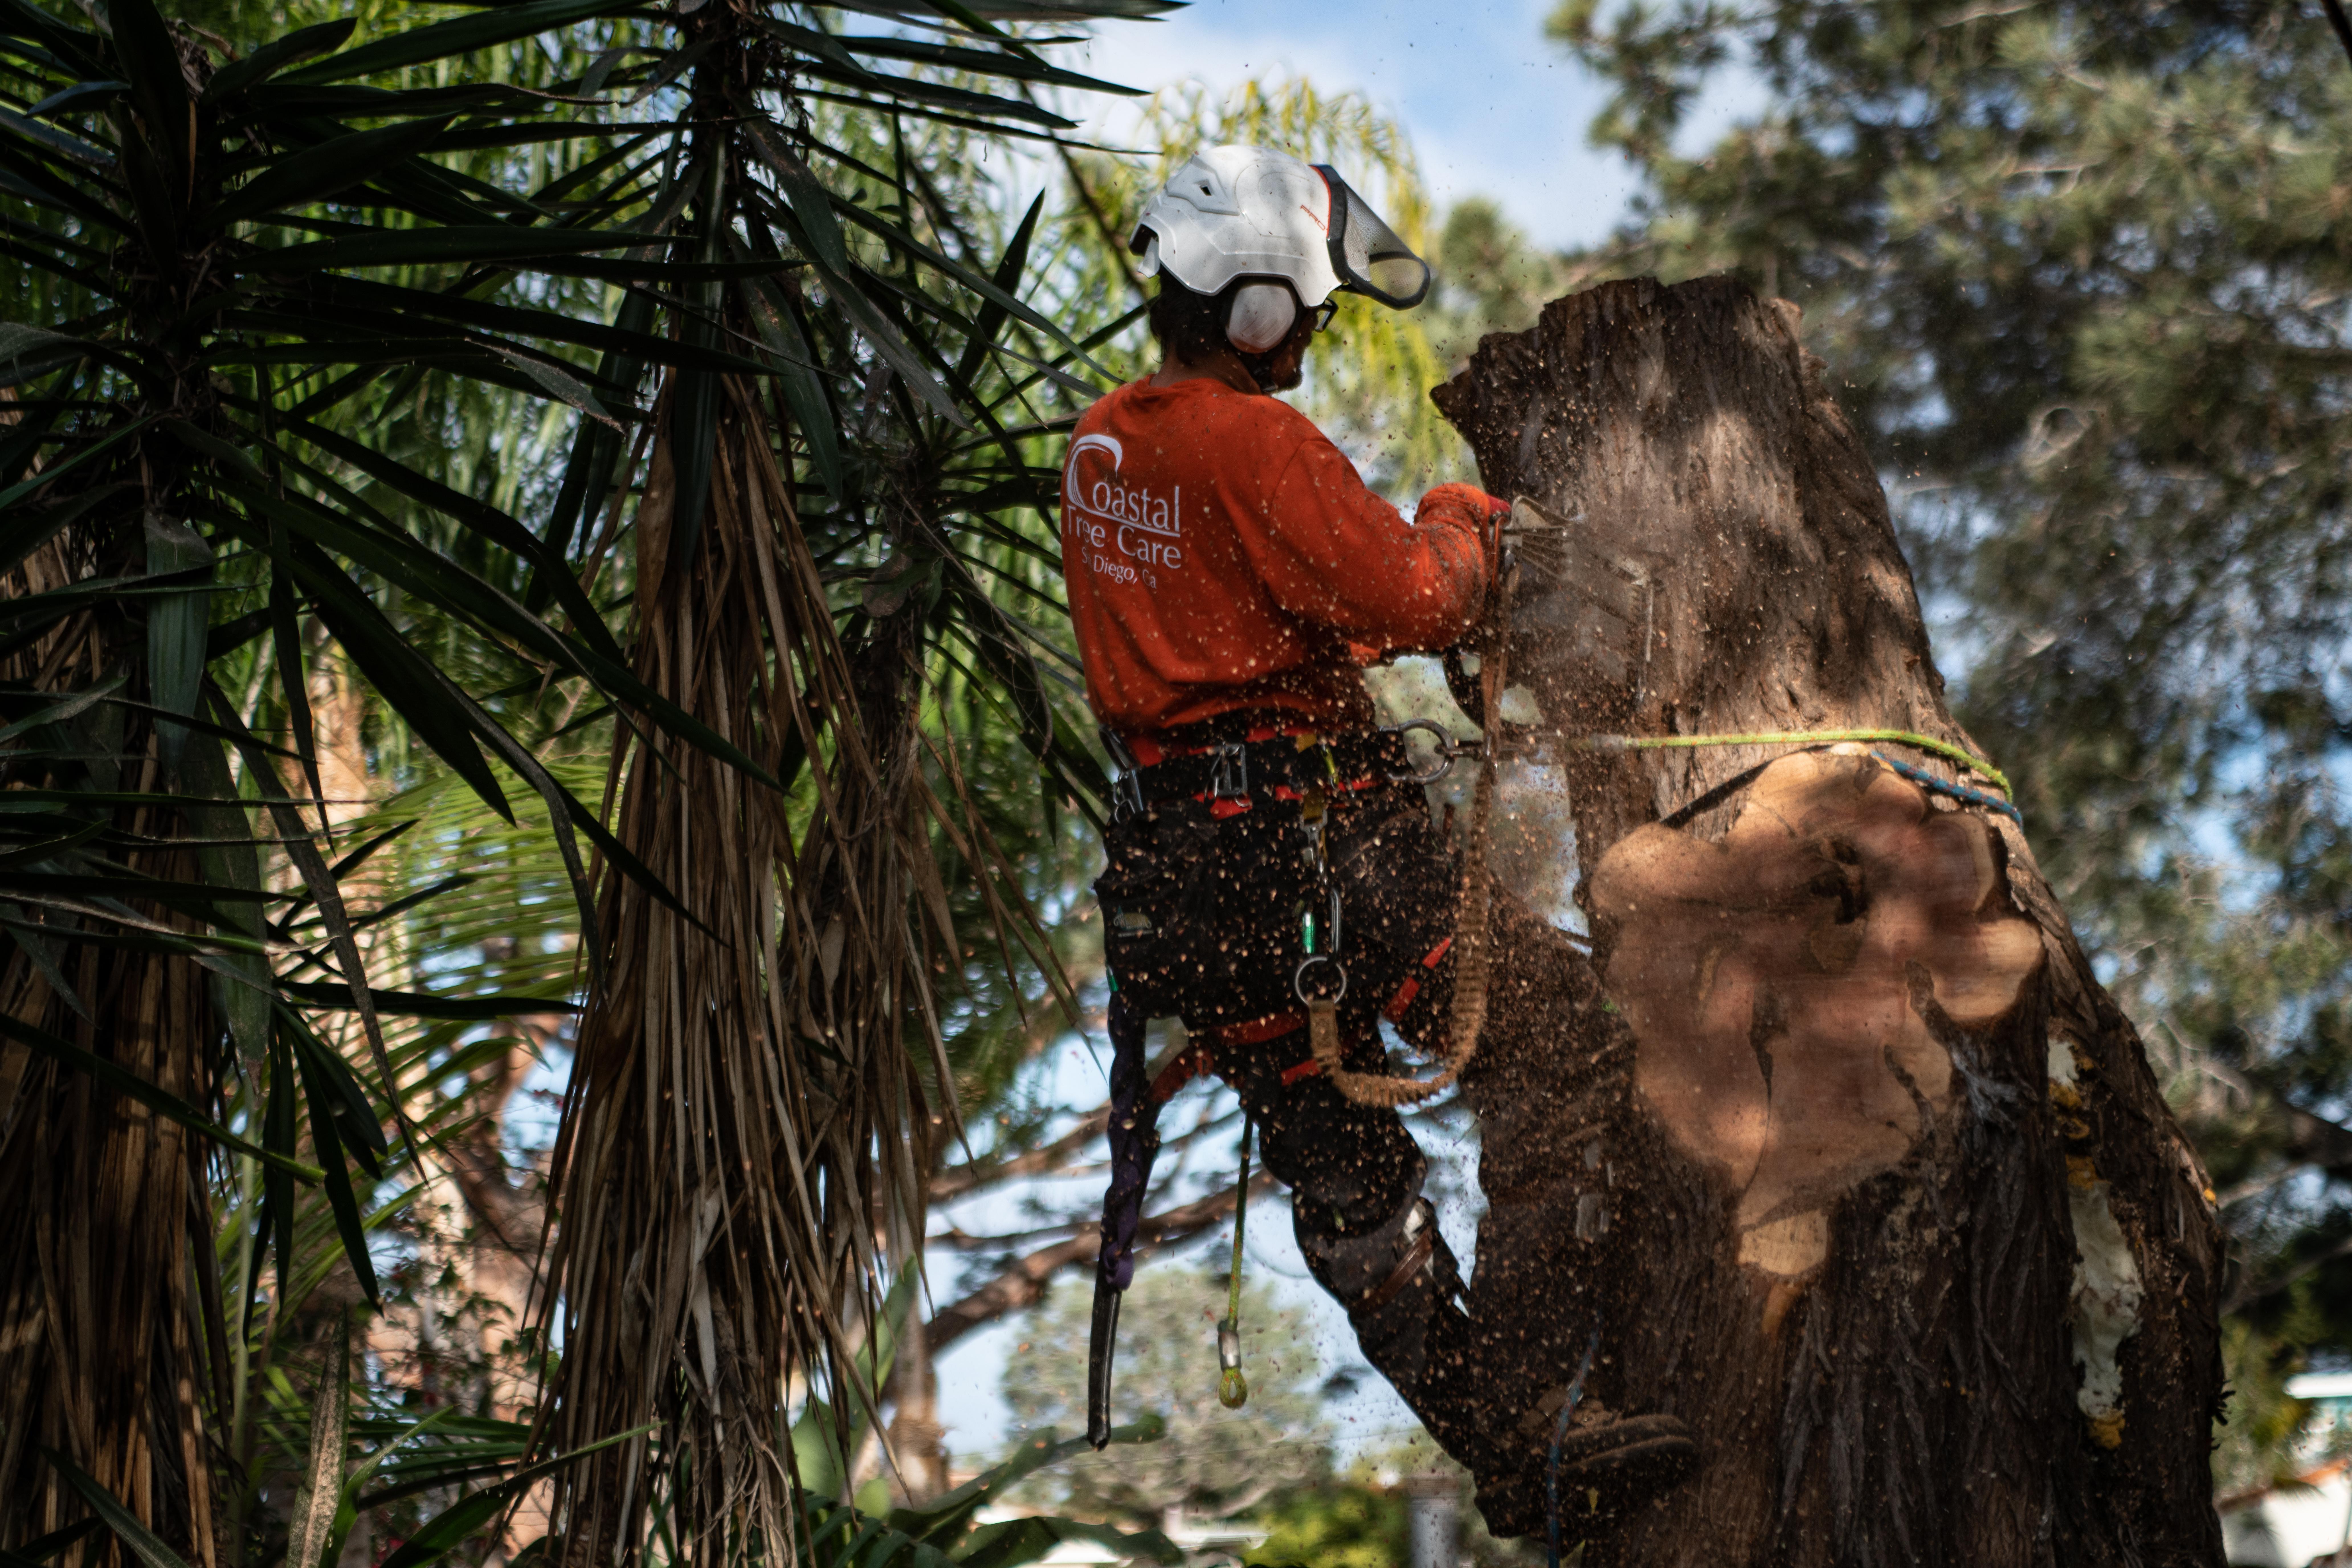 Coastal Tree Care reviews | Tree Services at 4349 Twain Ave - San Diego CA